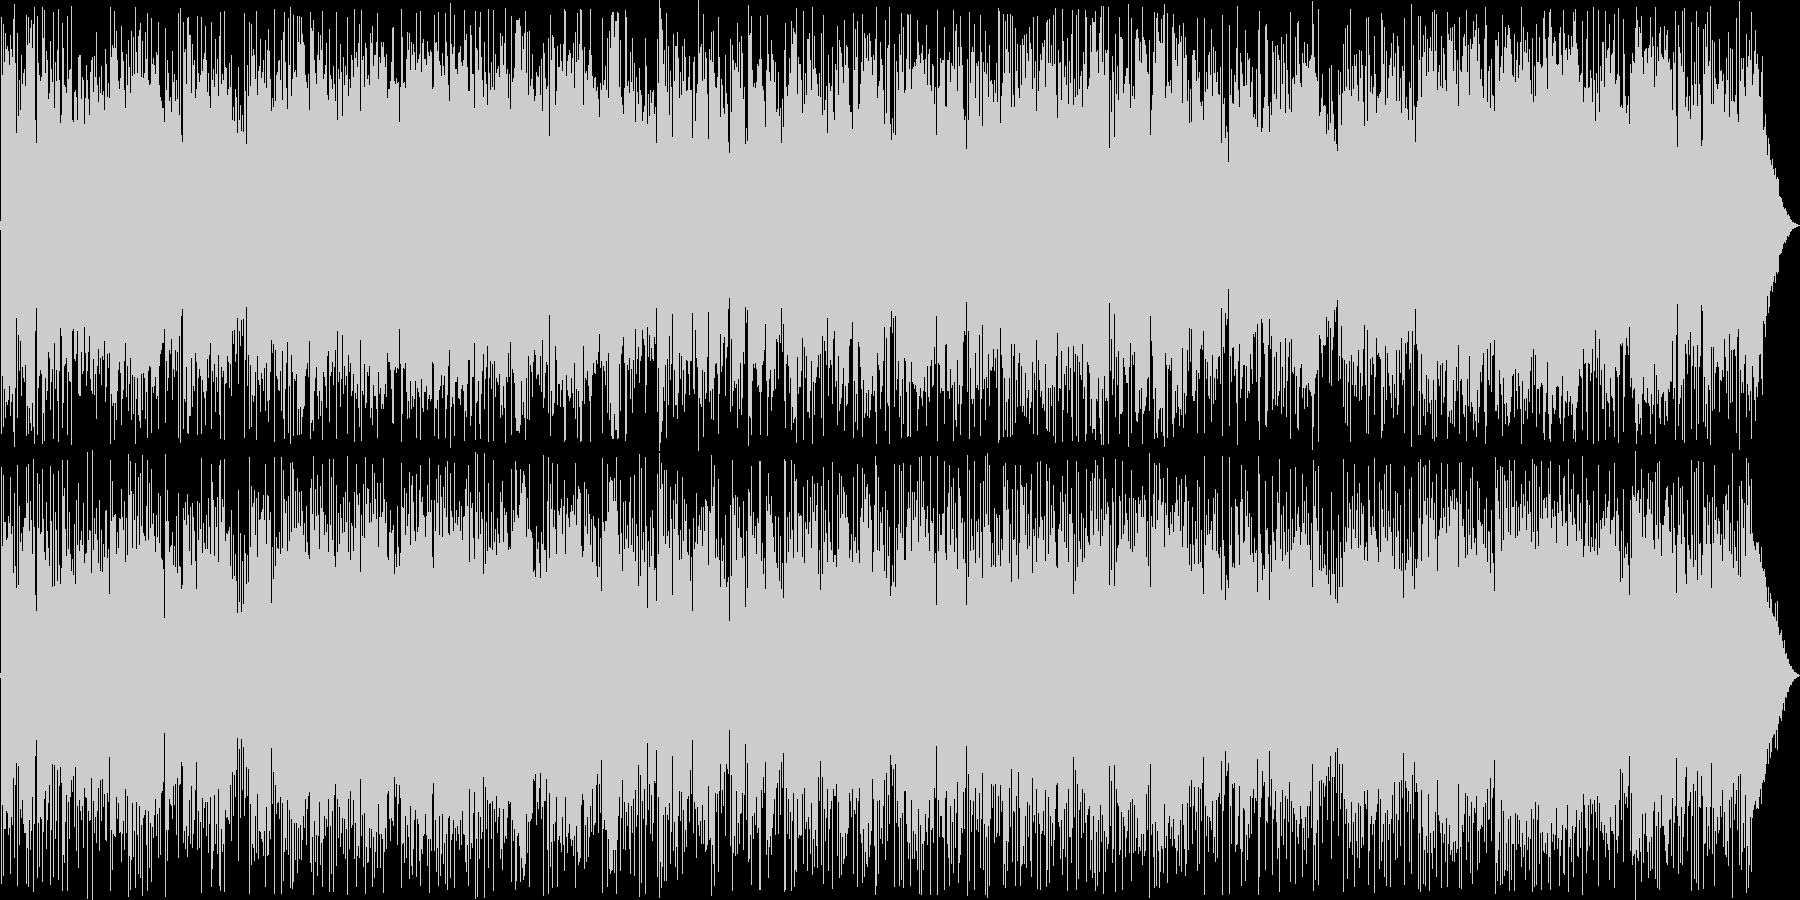 ムードのあるエレキギターの曲の未再生の波形